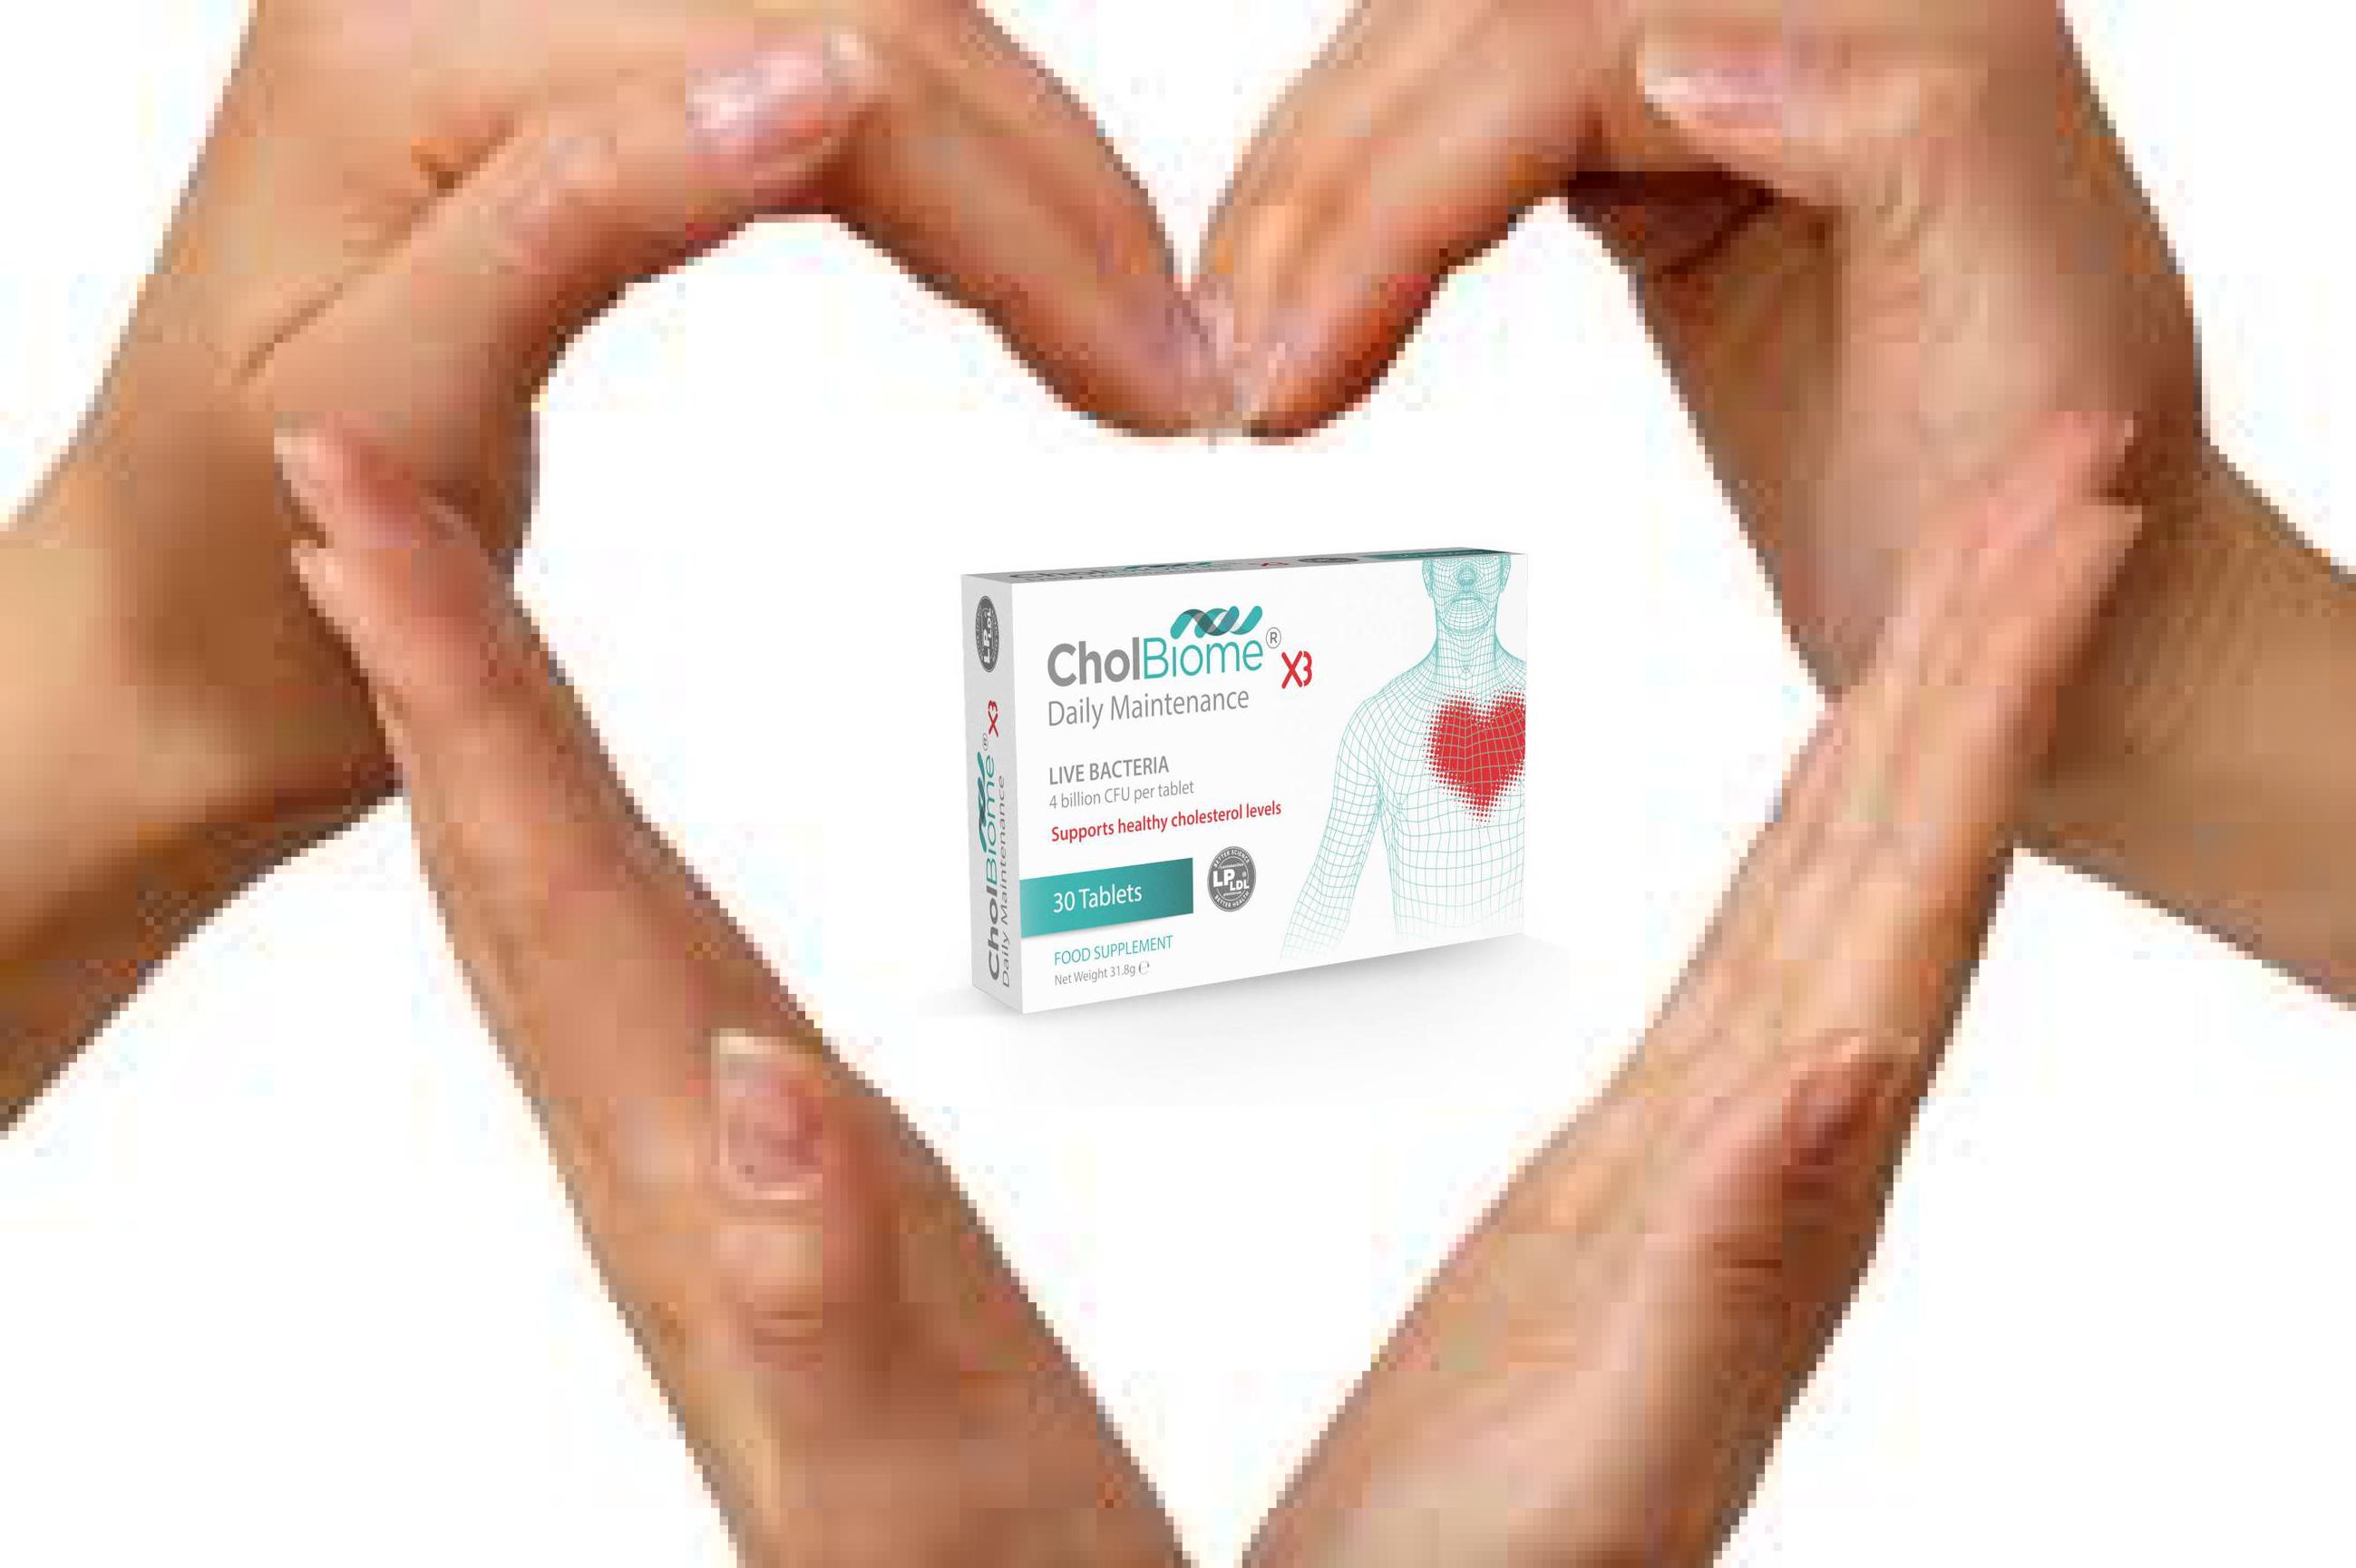 14 000 българи с хиперхолестеролемия получават 100 пъти повече инсулт и  инфаркт каза в свое интервю доц. Пламен Попиванов